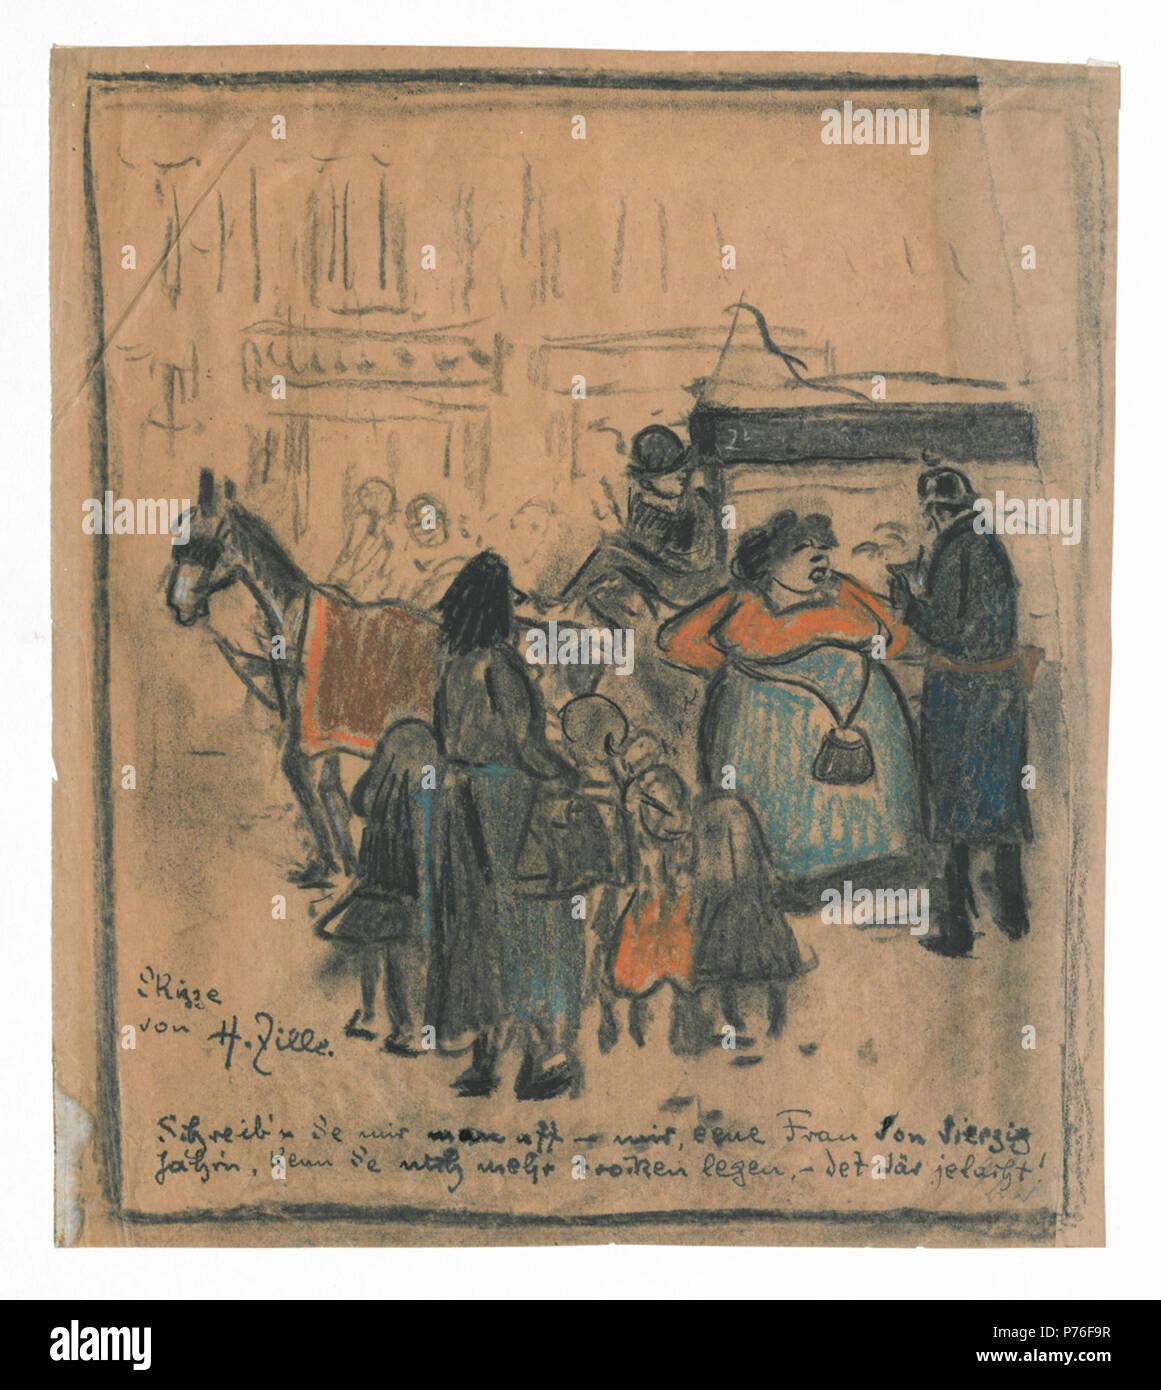 Deutsch: Blatt mit dem Titel 'Verbotener Straßenhandel' aus der Grafischen Sammlung der Stiftung Stadtmuseum Berlin . 1913 231 Zille Verbotener-Strassenhandel GR-04-4-8-HZ - Stock Image